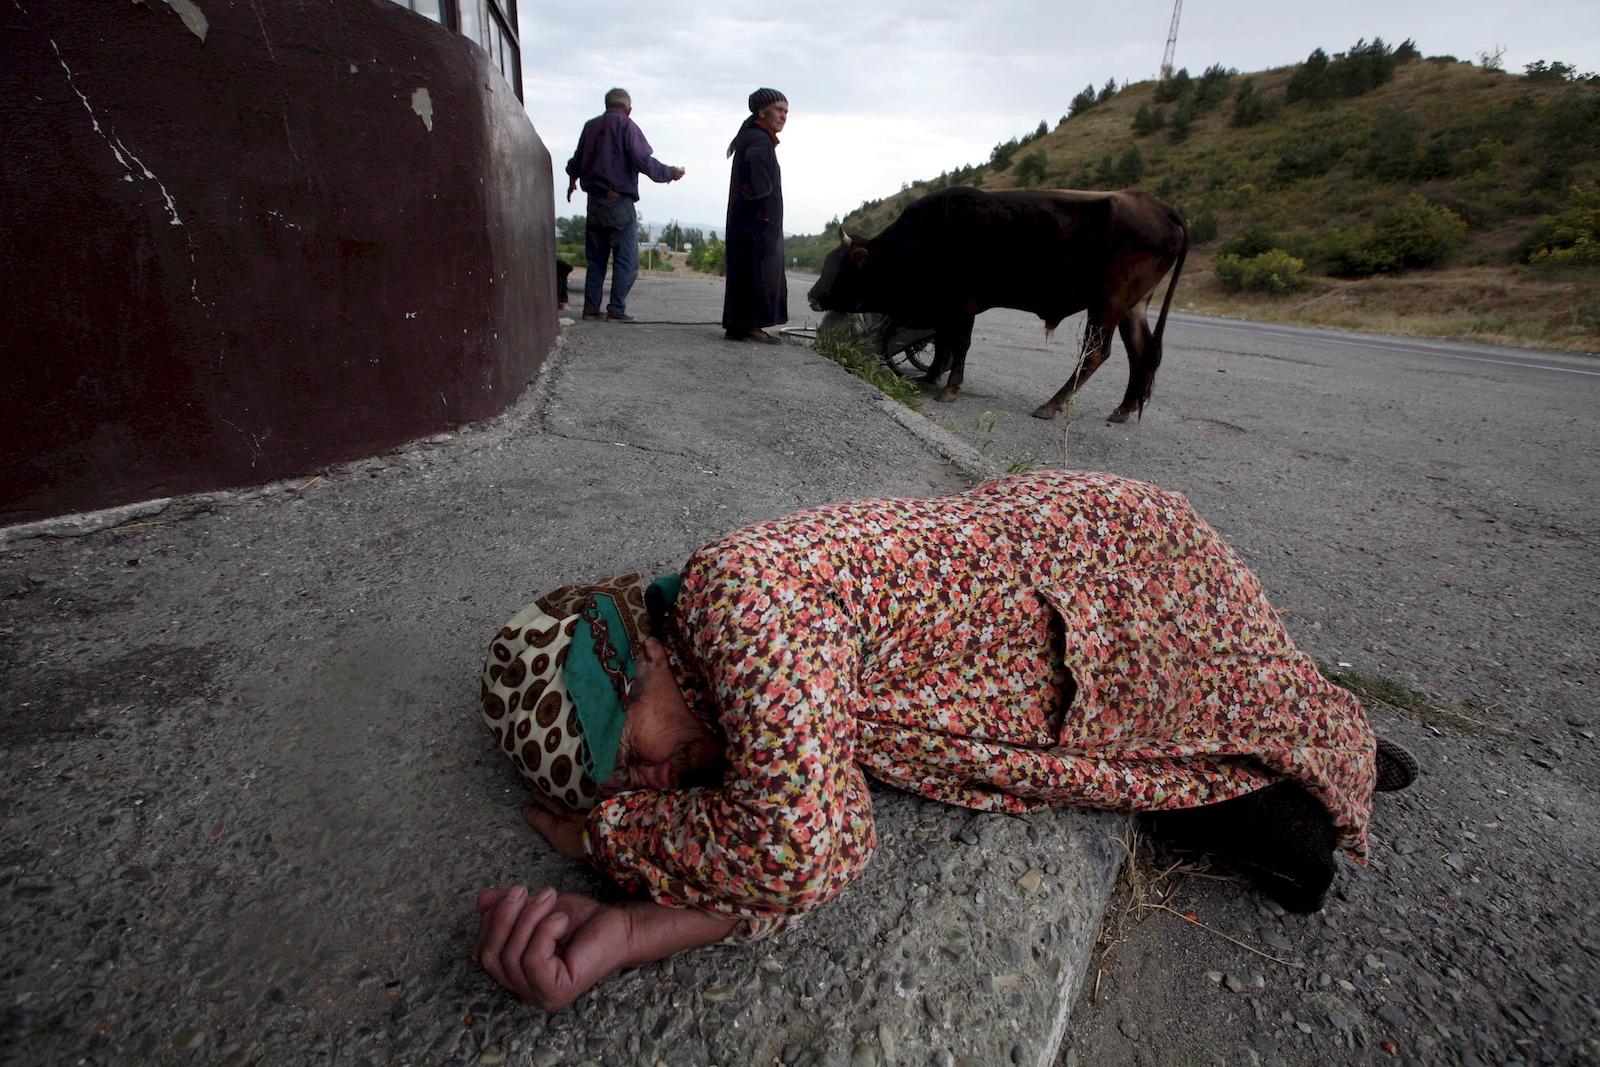 დევნილი, რომელმაც სოფელი კორთა დატოვა და 4 დღე ფეხით იარა გორთან ახლოს ისვენებს 15 © EPA/PAVEL WOLBERG